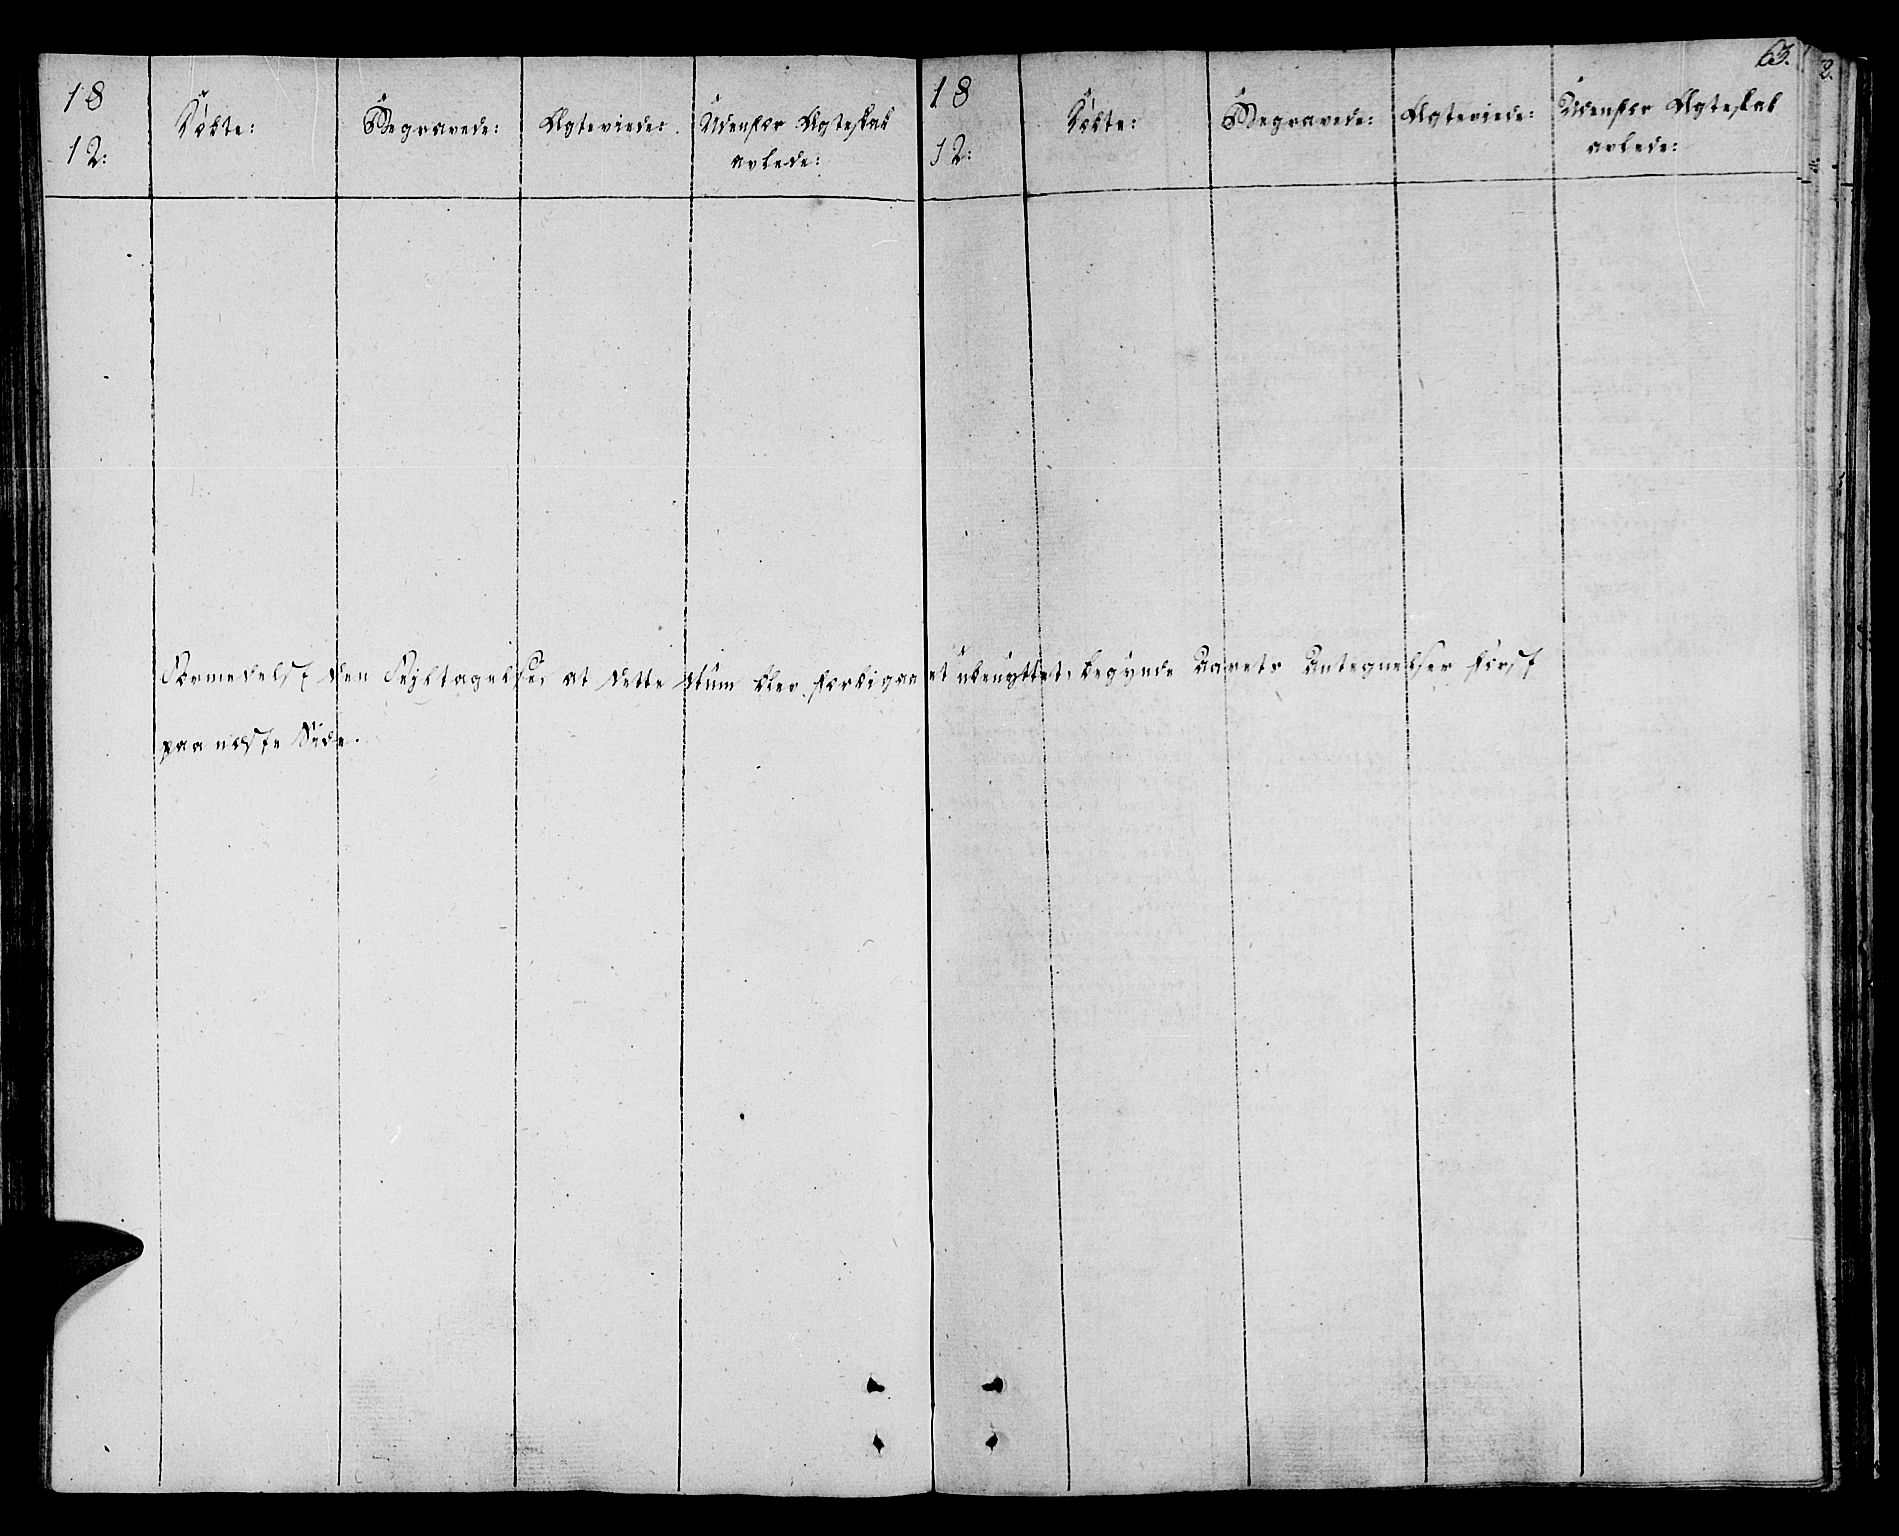 SAT, Ministerialprotokoller, klokkerbøker og fødselsregistre - Sør-Trøndelag, 678/L0894: Ministerialbok nr. 678A04, 1806-1815, s. 63